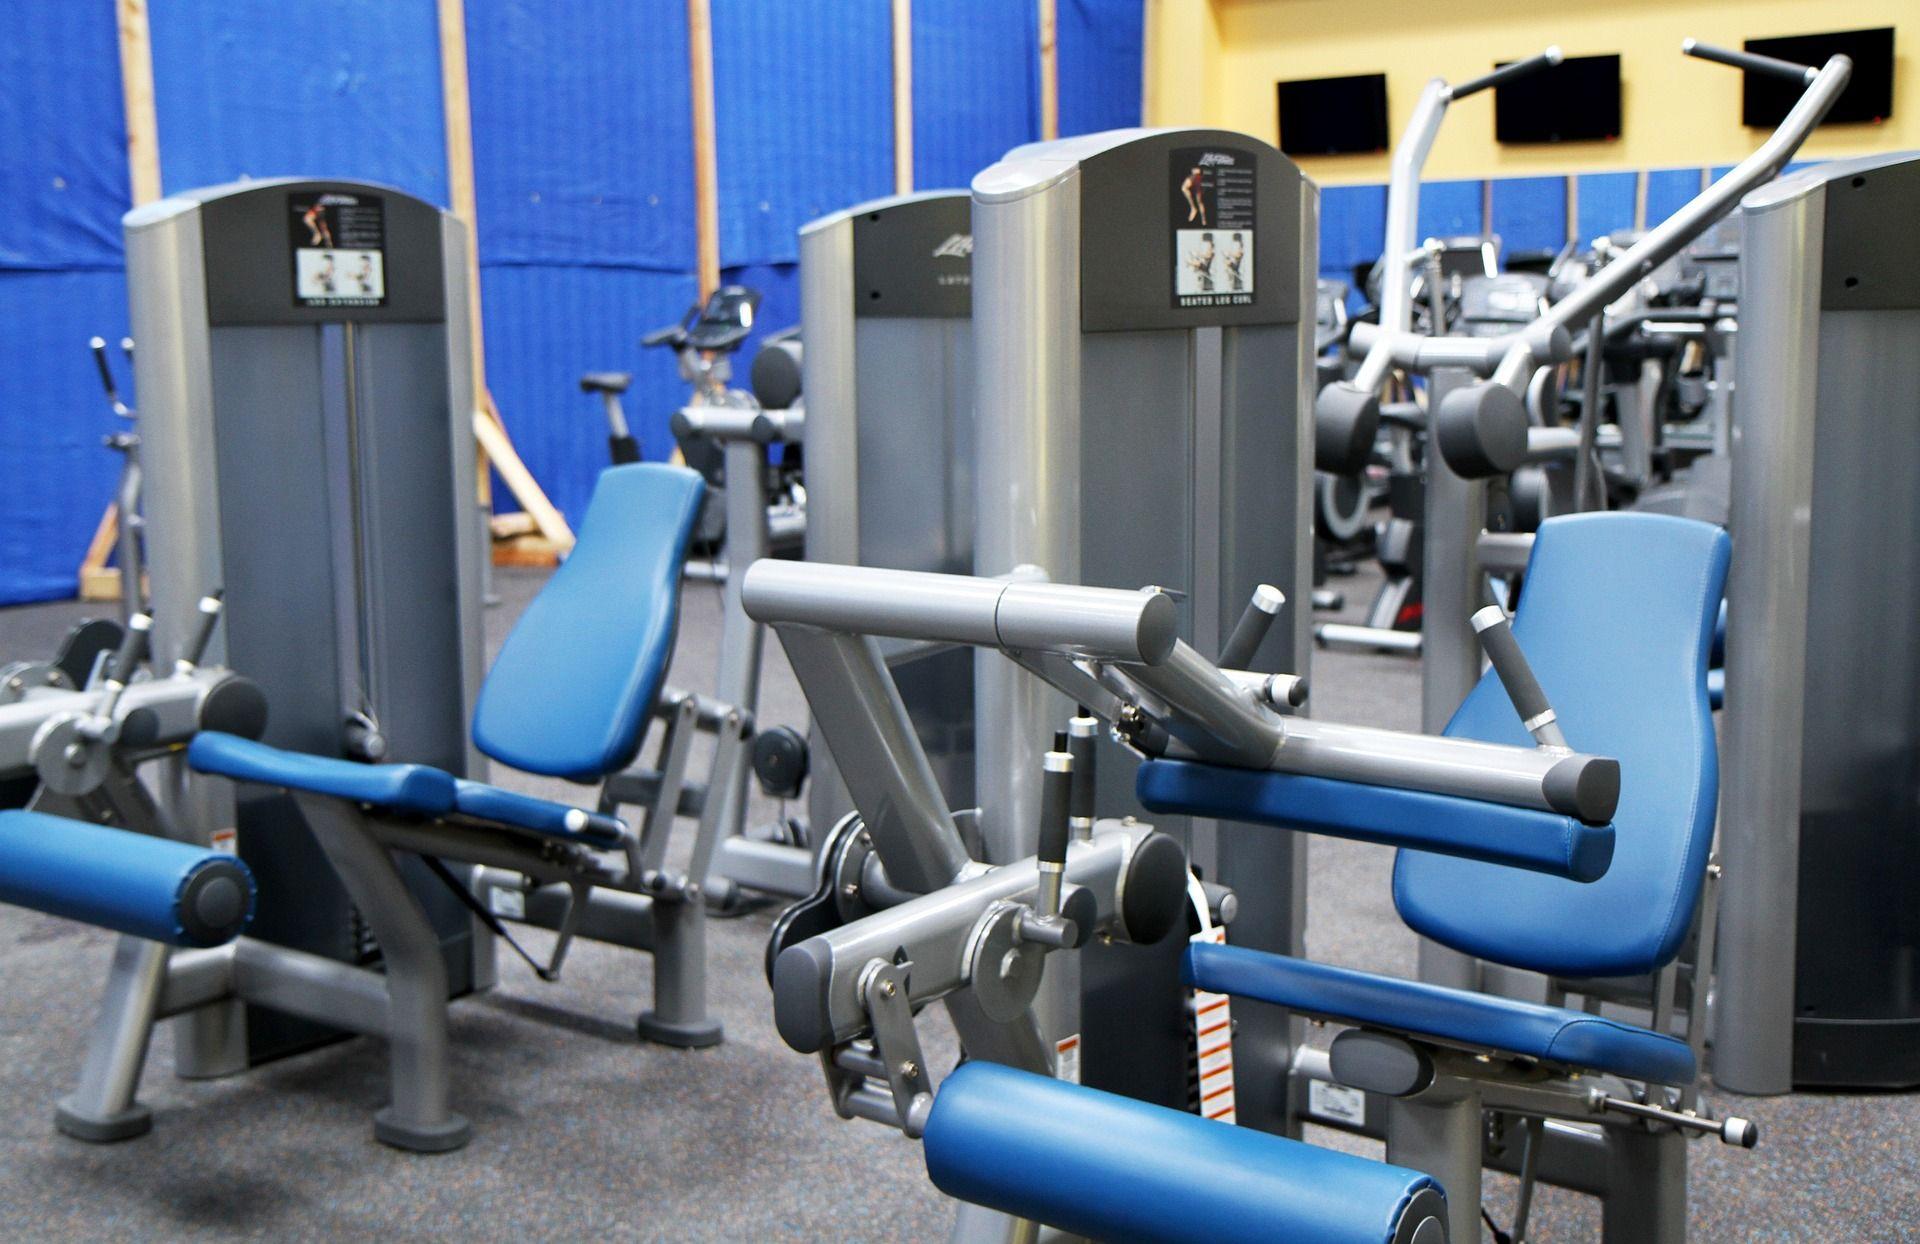 Deneme Yontemiyle Urun Satma Eticaret Deneme Yerliyapim Pazarlama Planet Fitness Workout Full Body Workout Routine Workout Plan For Beginners